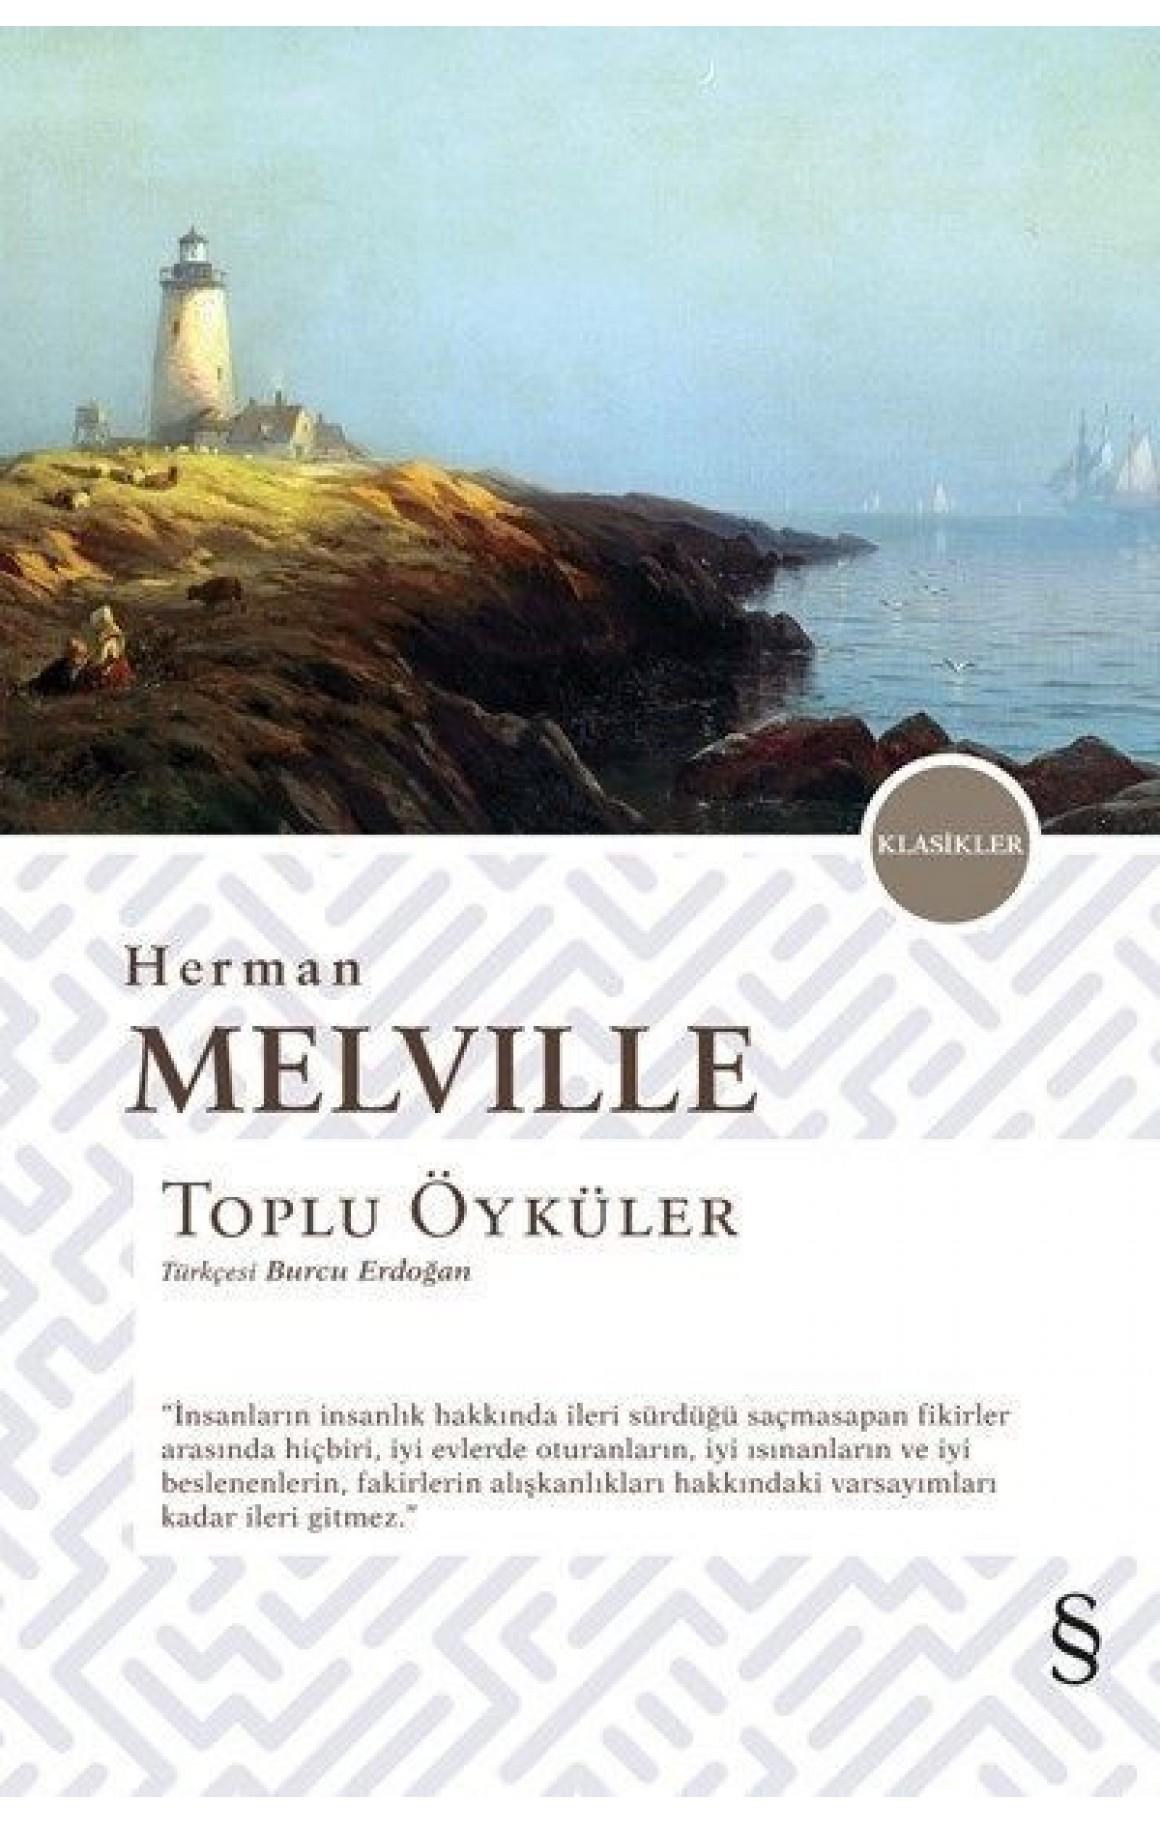 Herman Melville Toplu Öyküler